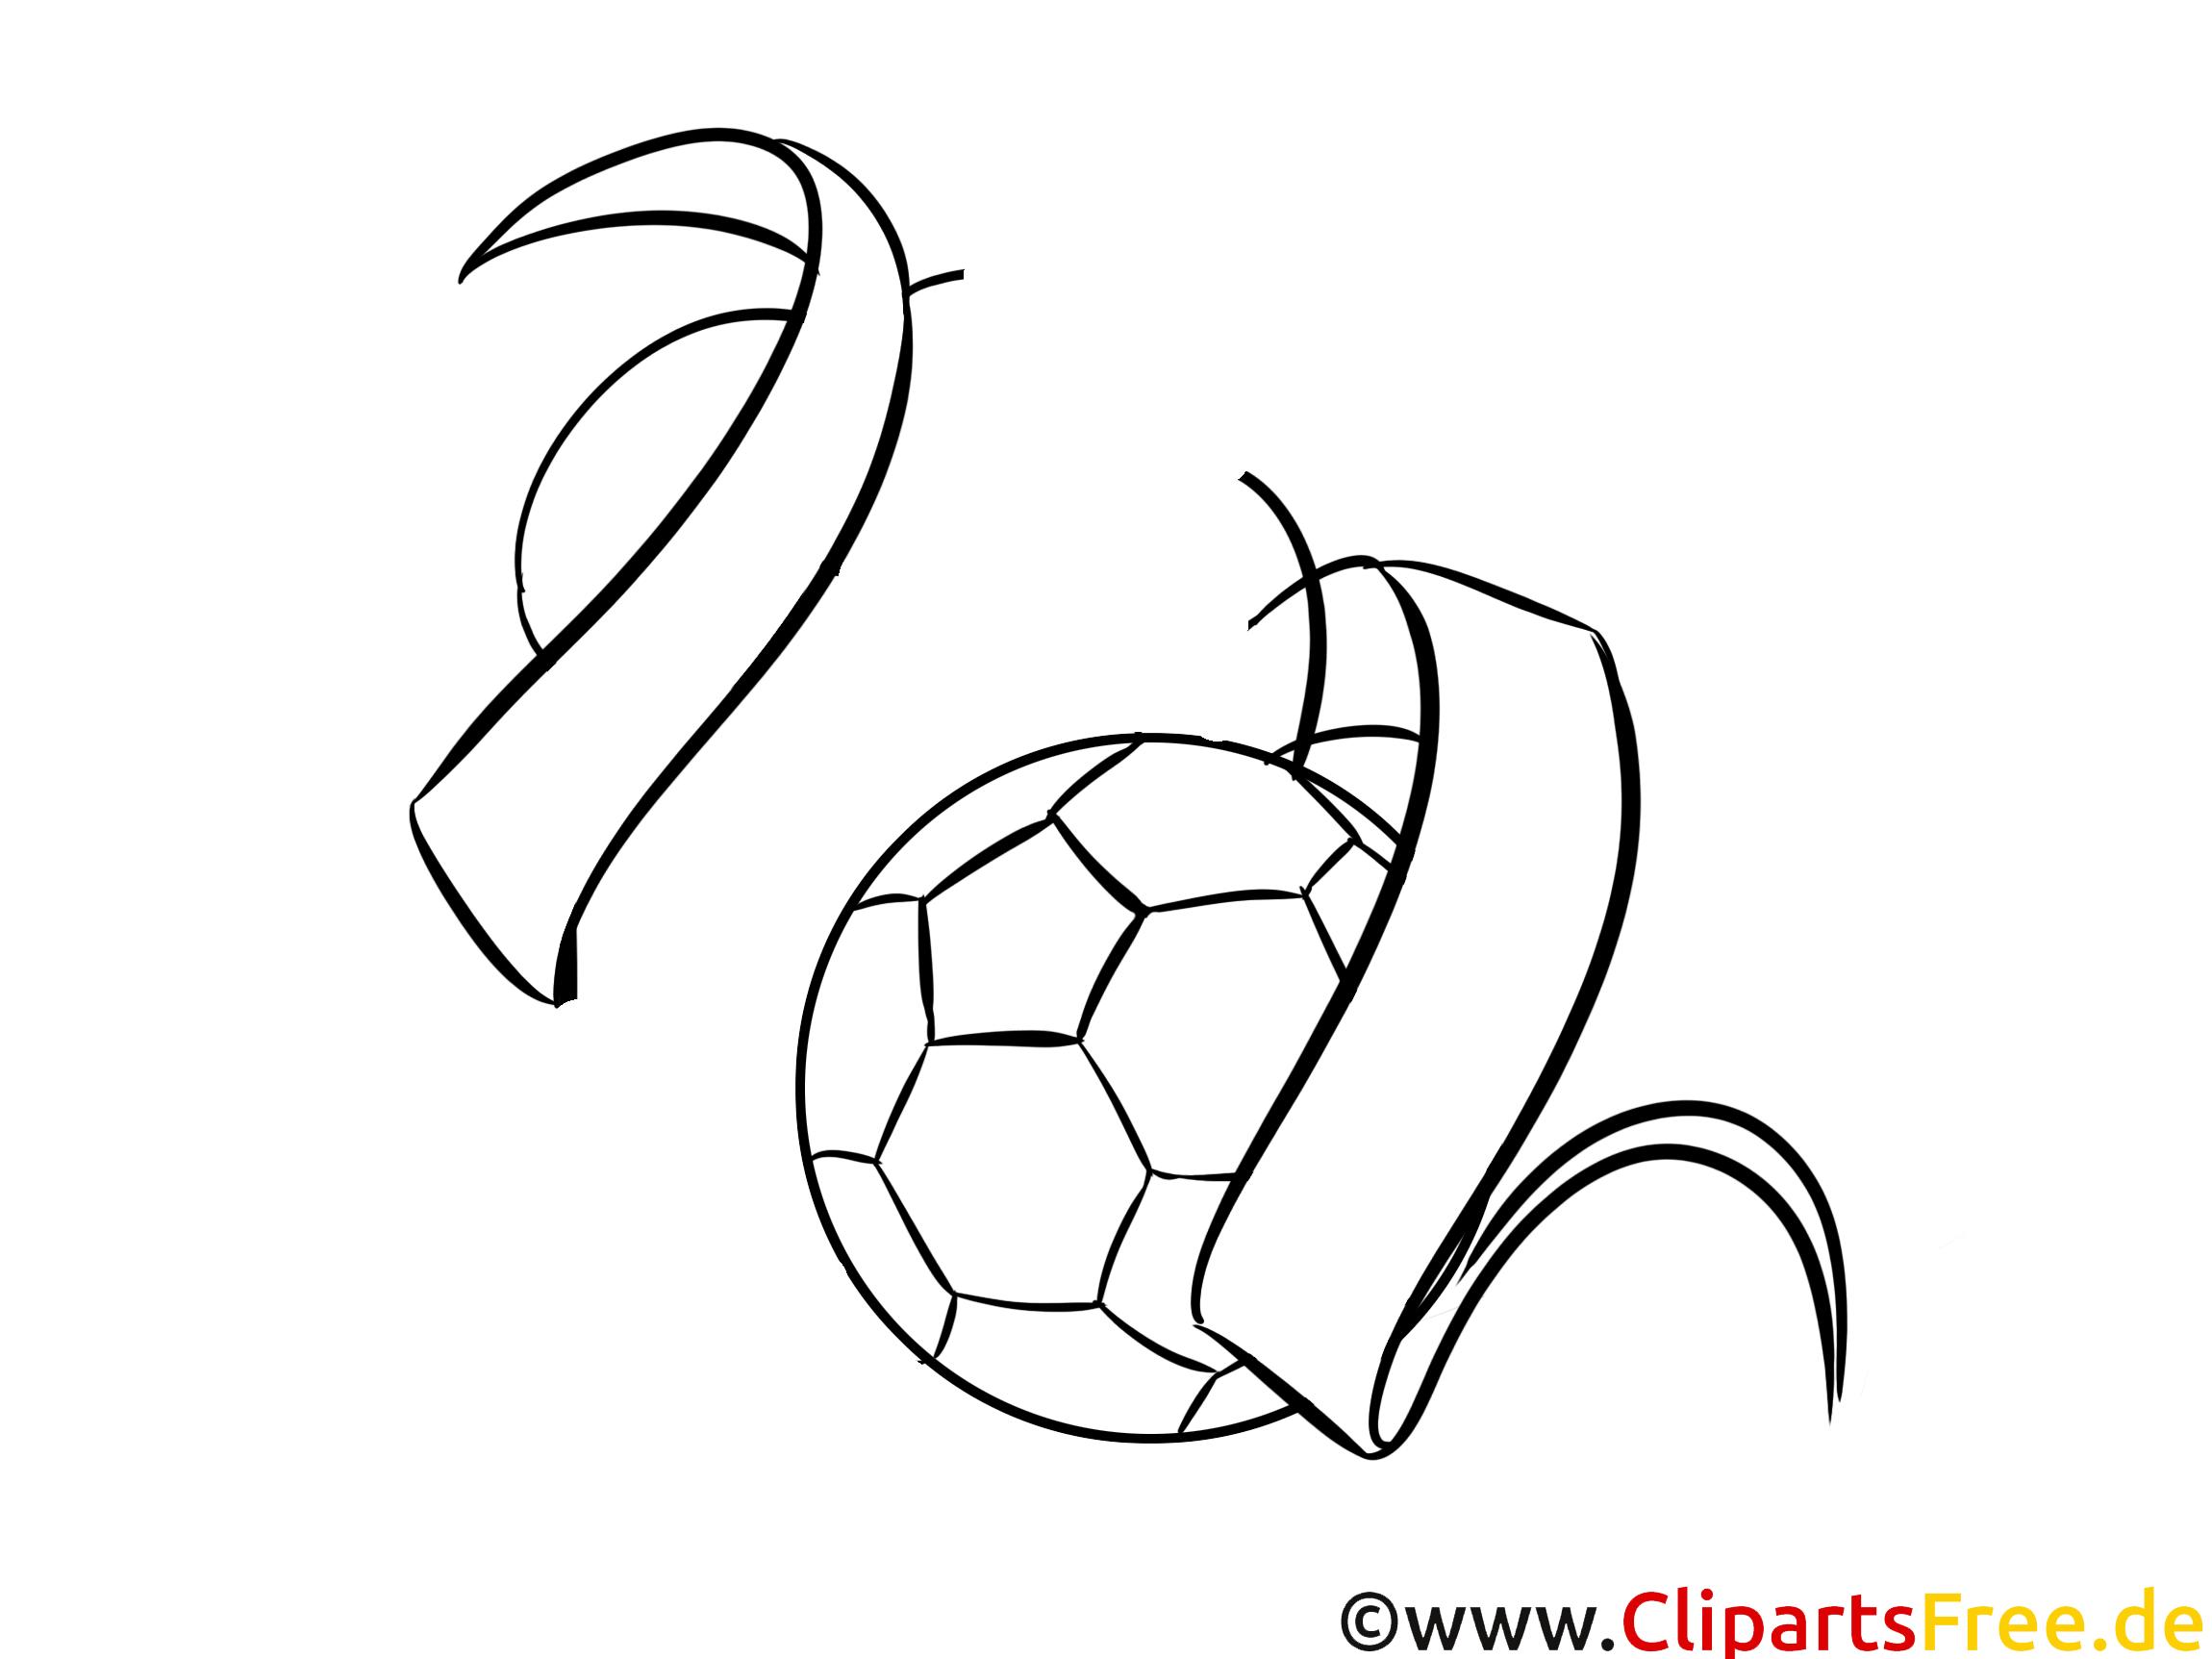 Ball Bild zum Ausdrucken und Ausmalen